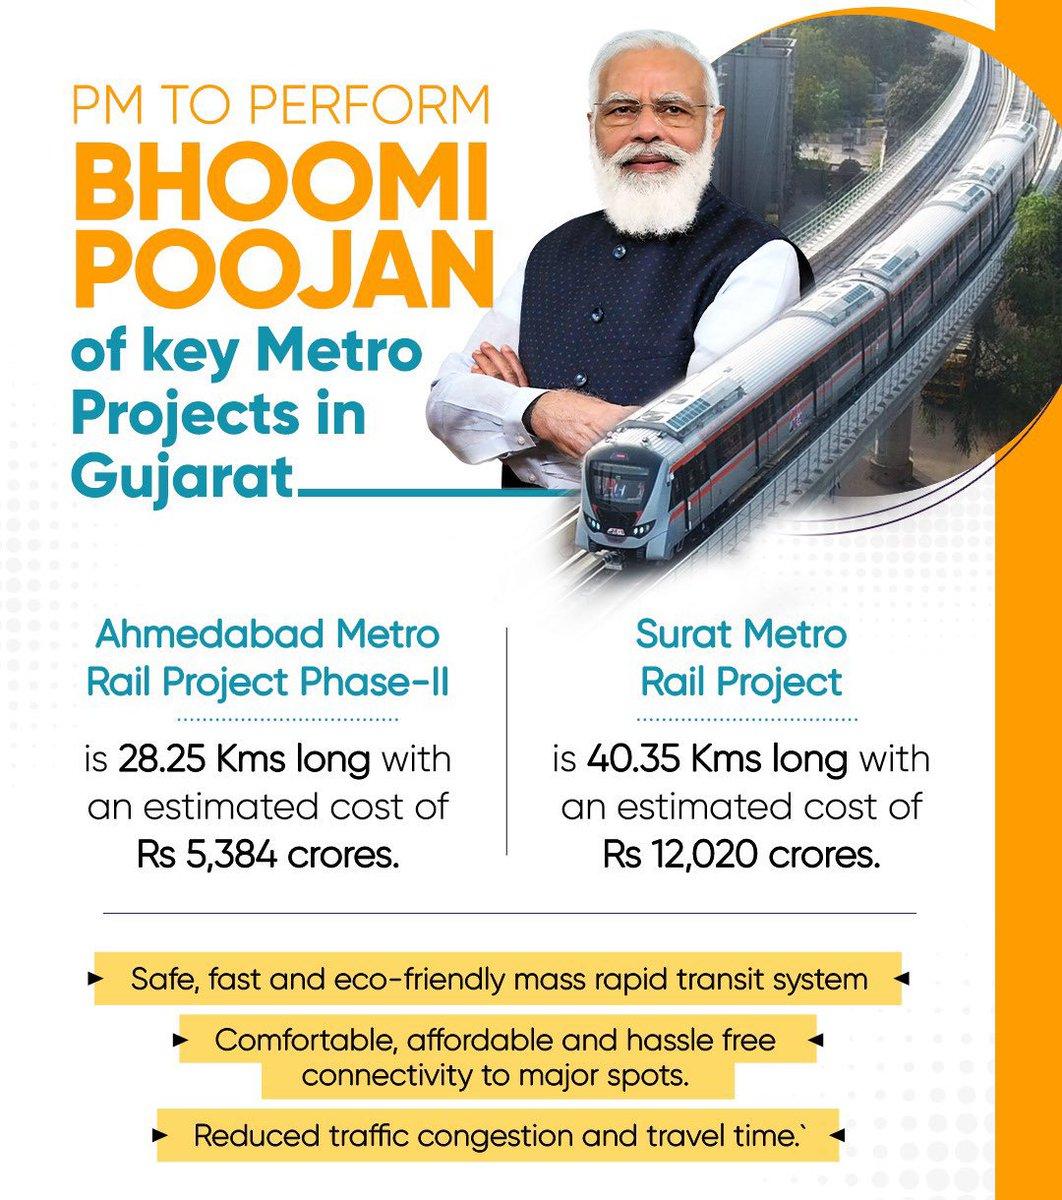 आज अहमदाबाद और सूरत की जनता के लिए एक महत्वपूर्ण दिन है। माननीय प्रधानमंत्री श्री @narendramodi जी सूरत मेट्रो और अहमदाबाद मेट्रो के फेज-2 का भूमि पूजन करेंगे। #GujaratMetroRevolution